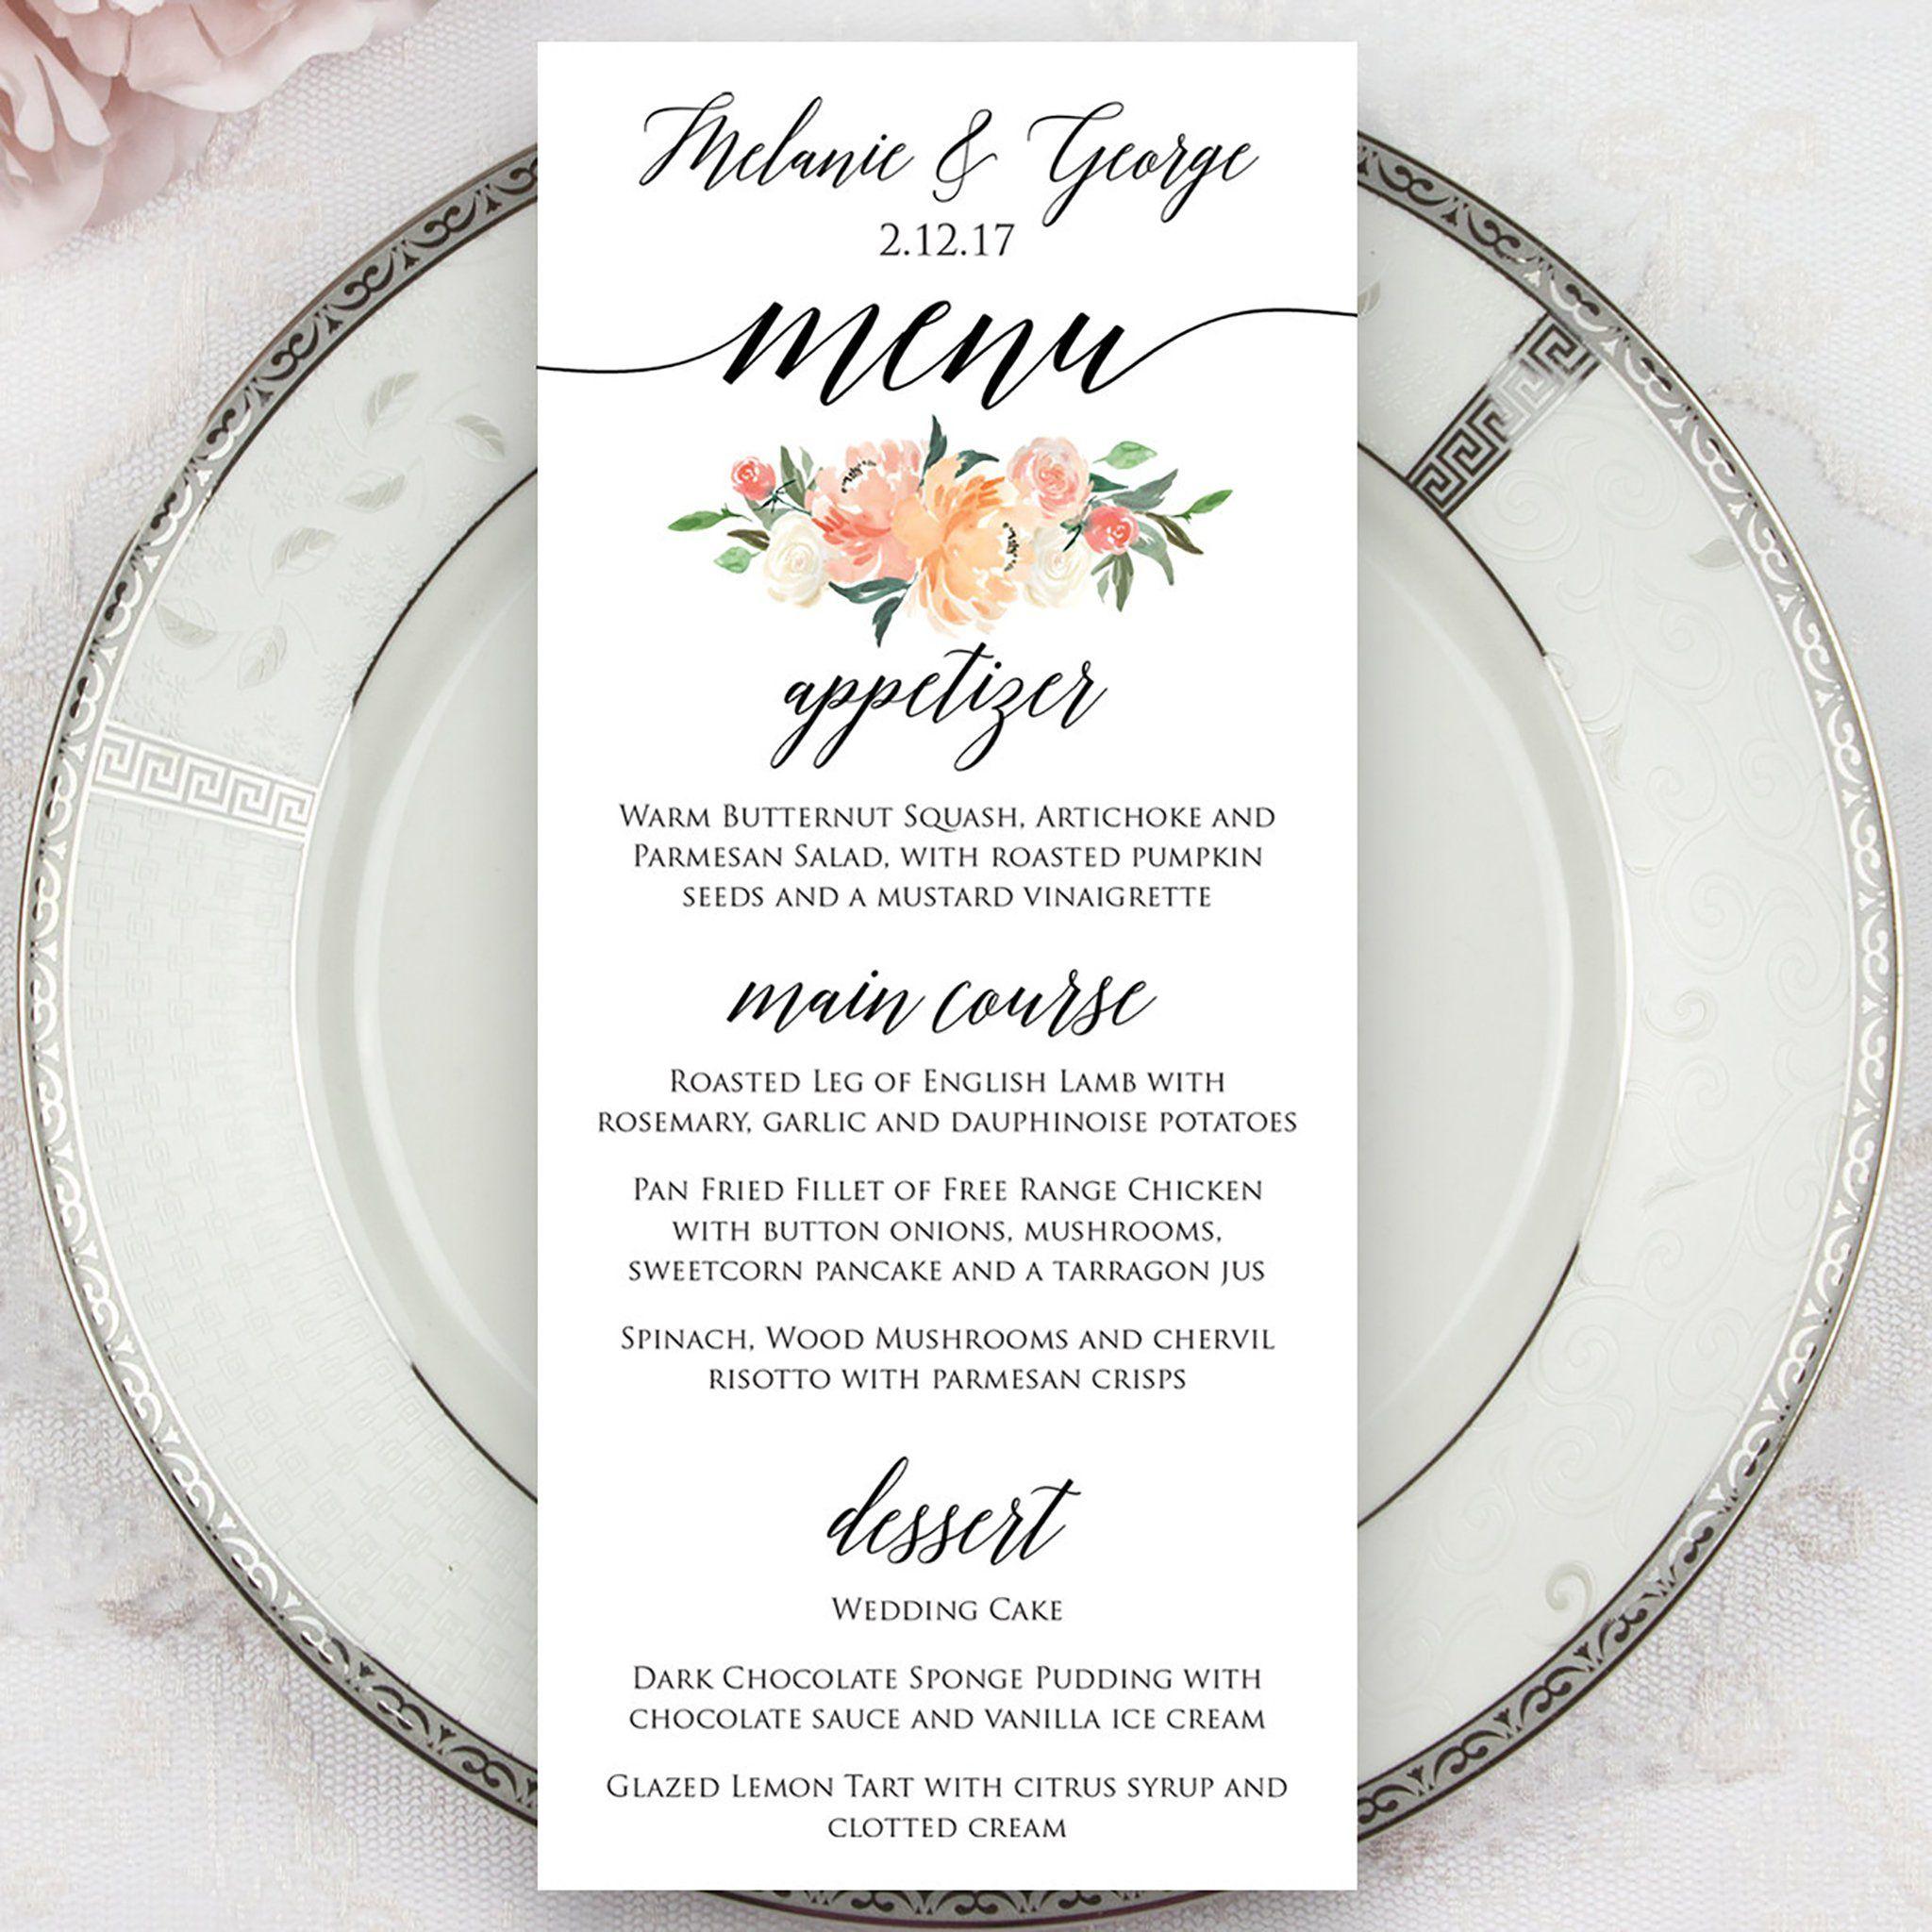 Wedding Menus Garden Party Wedding dinner menu